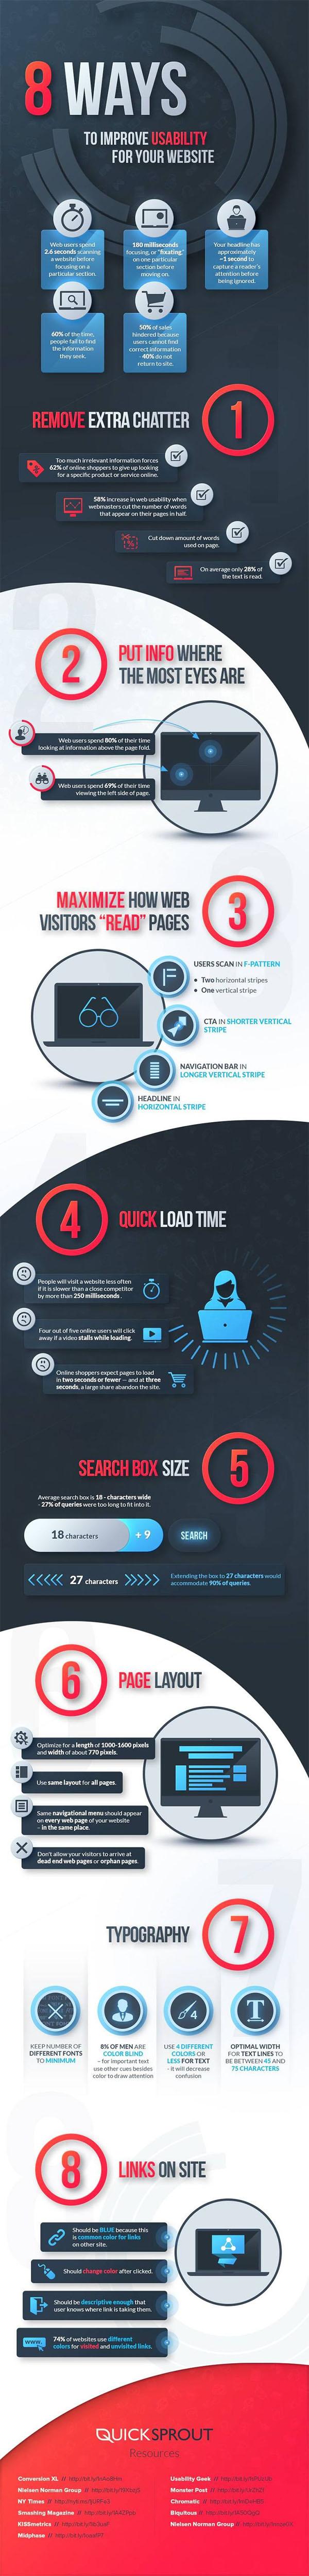 8 τρόποι να βελτιώσετε την ιστοσελίδα σας